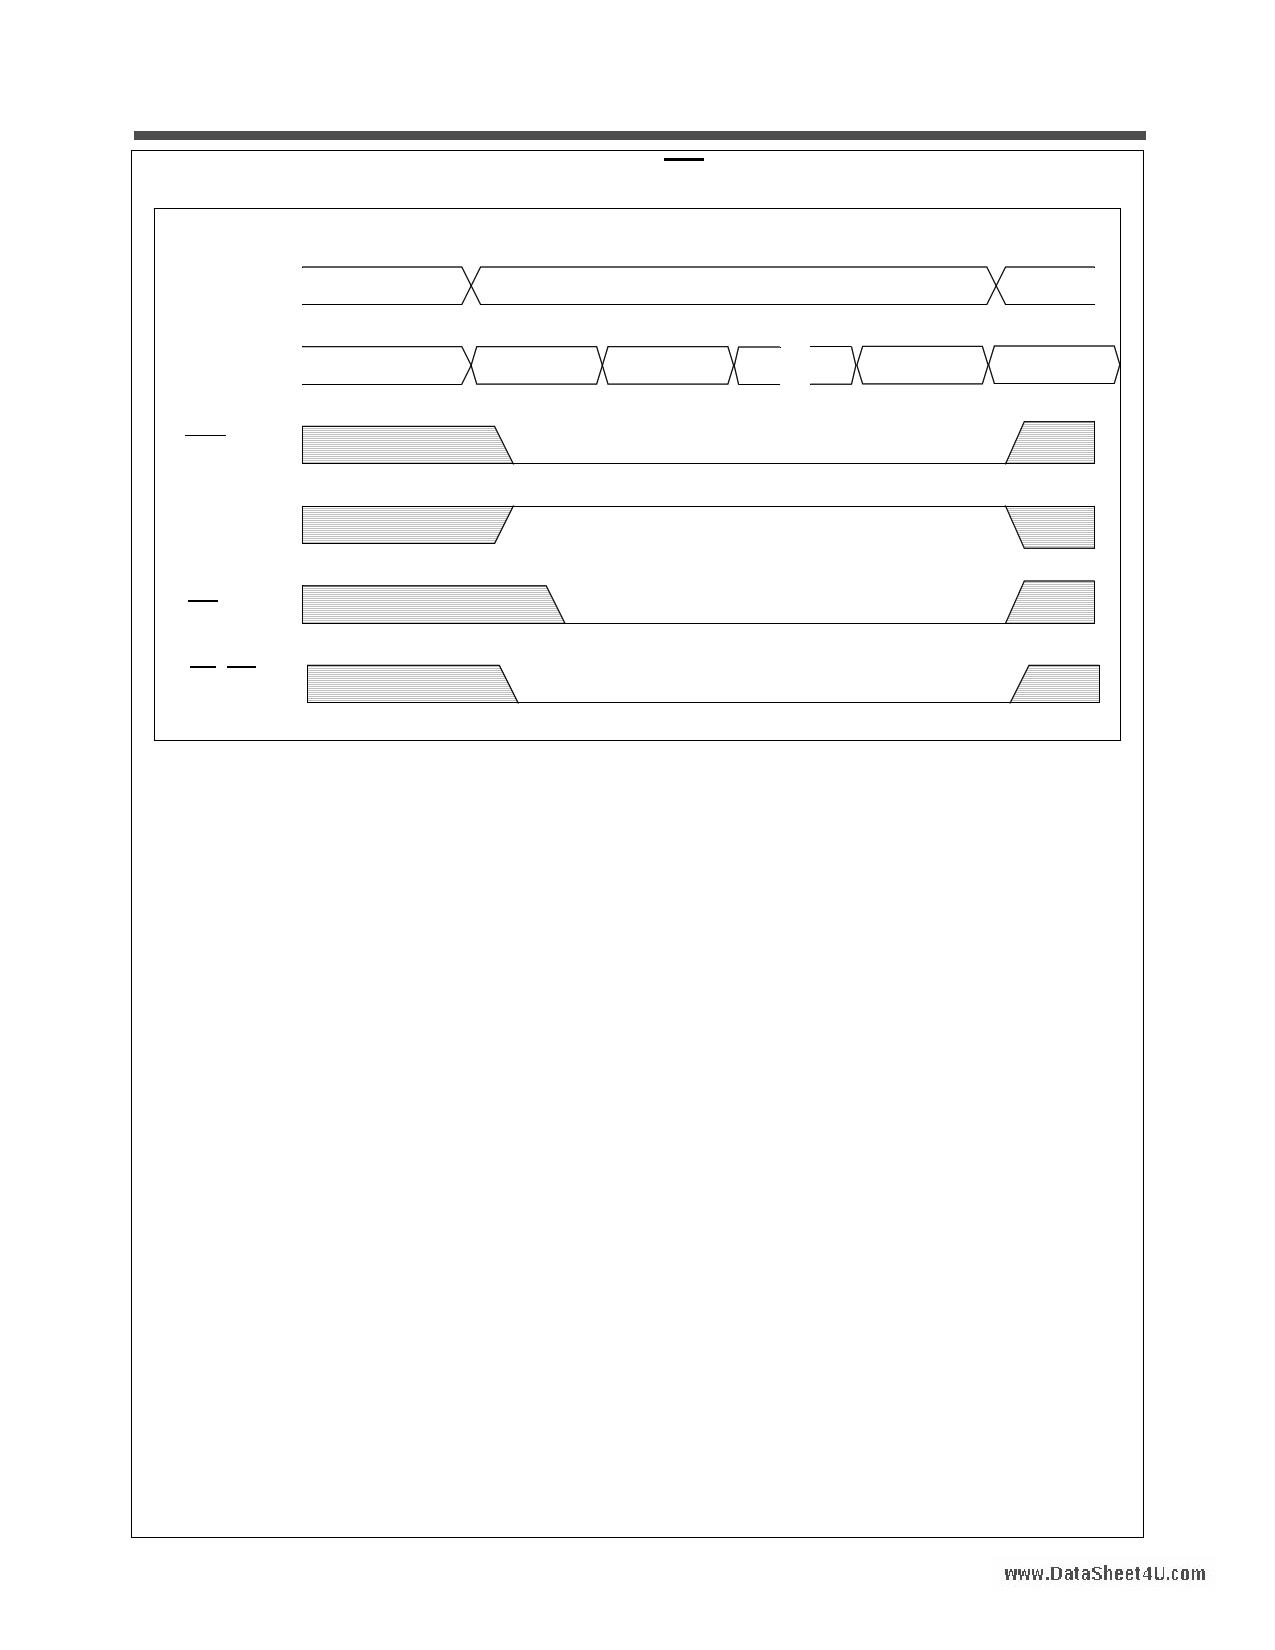 N02L63W2A pdf, arduino